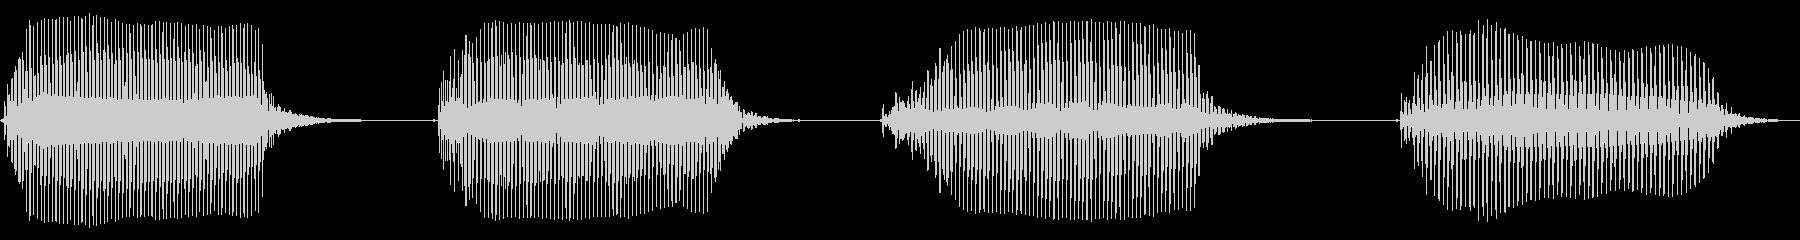 残念 下降 トランペットの未再生の波形